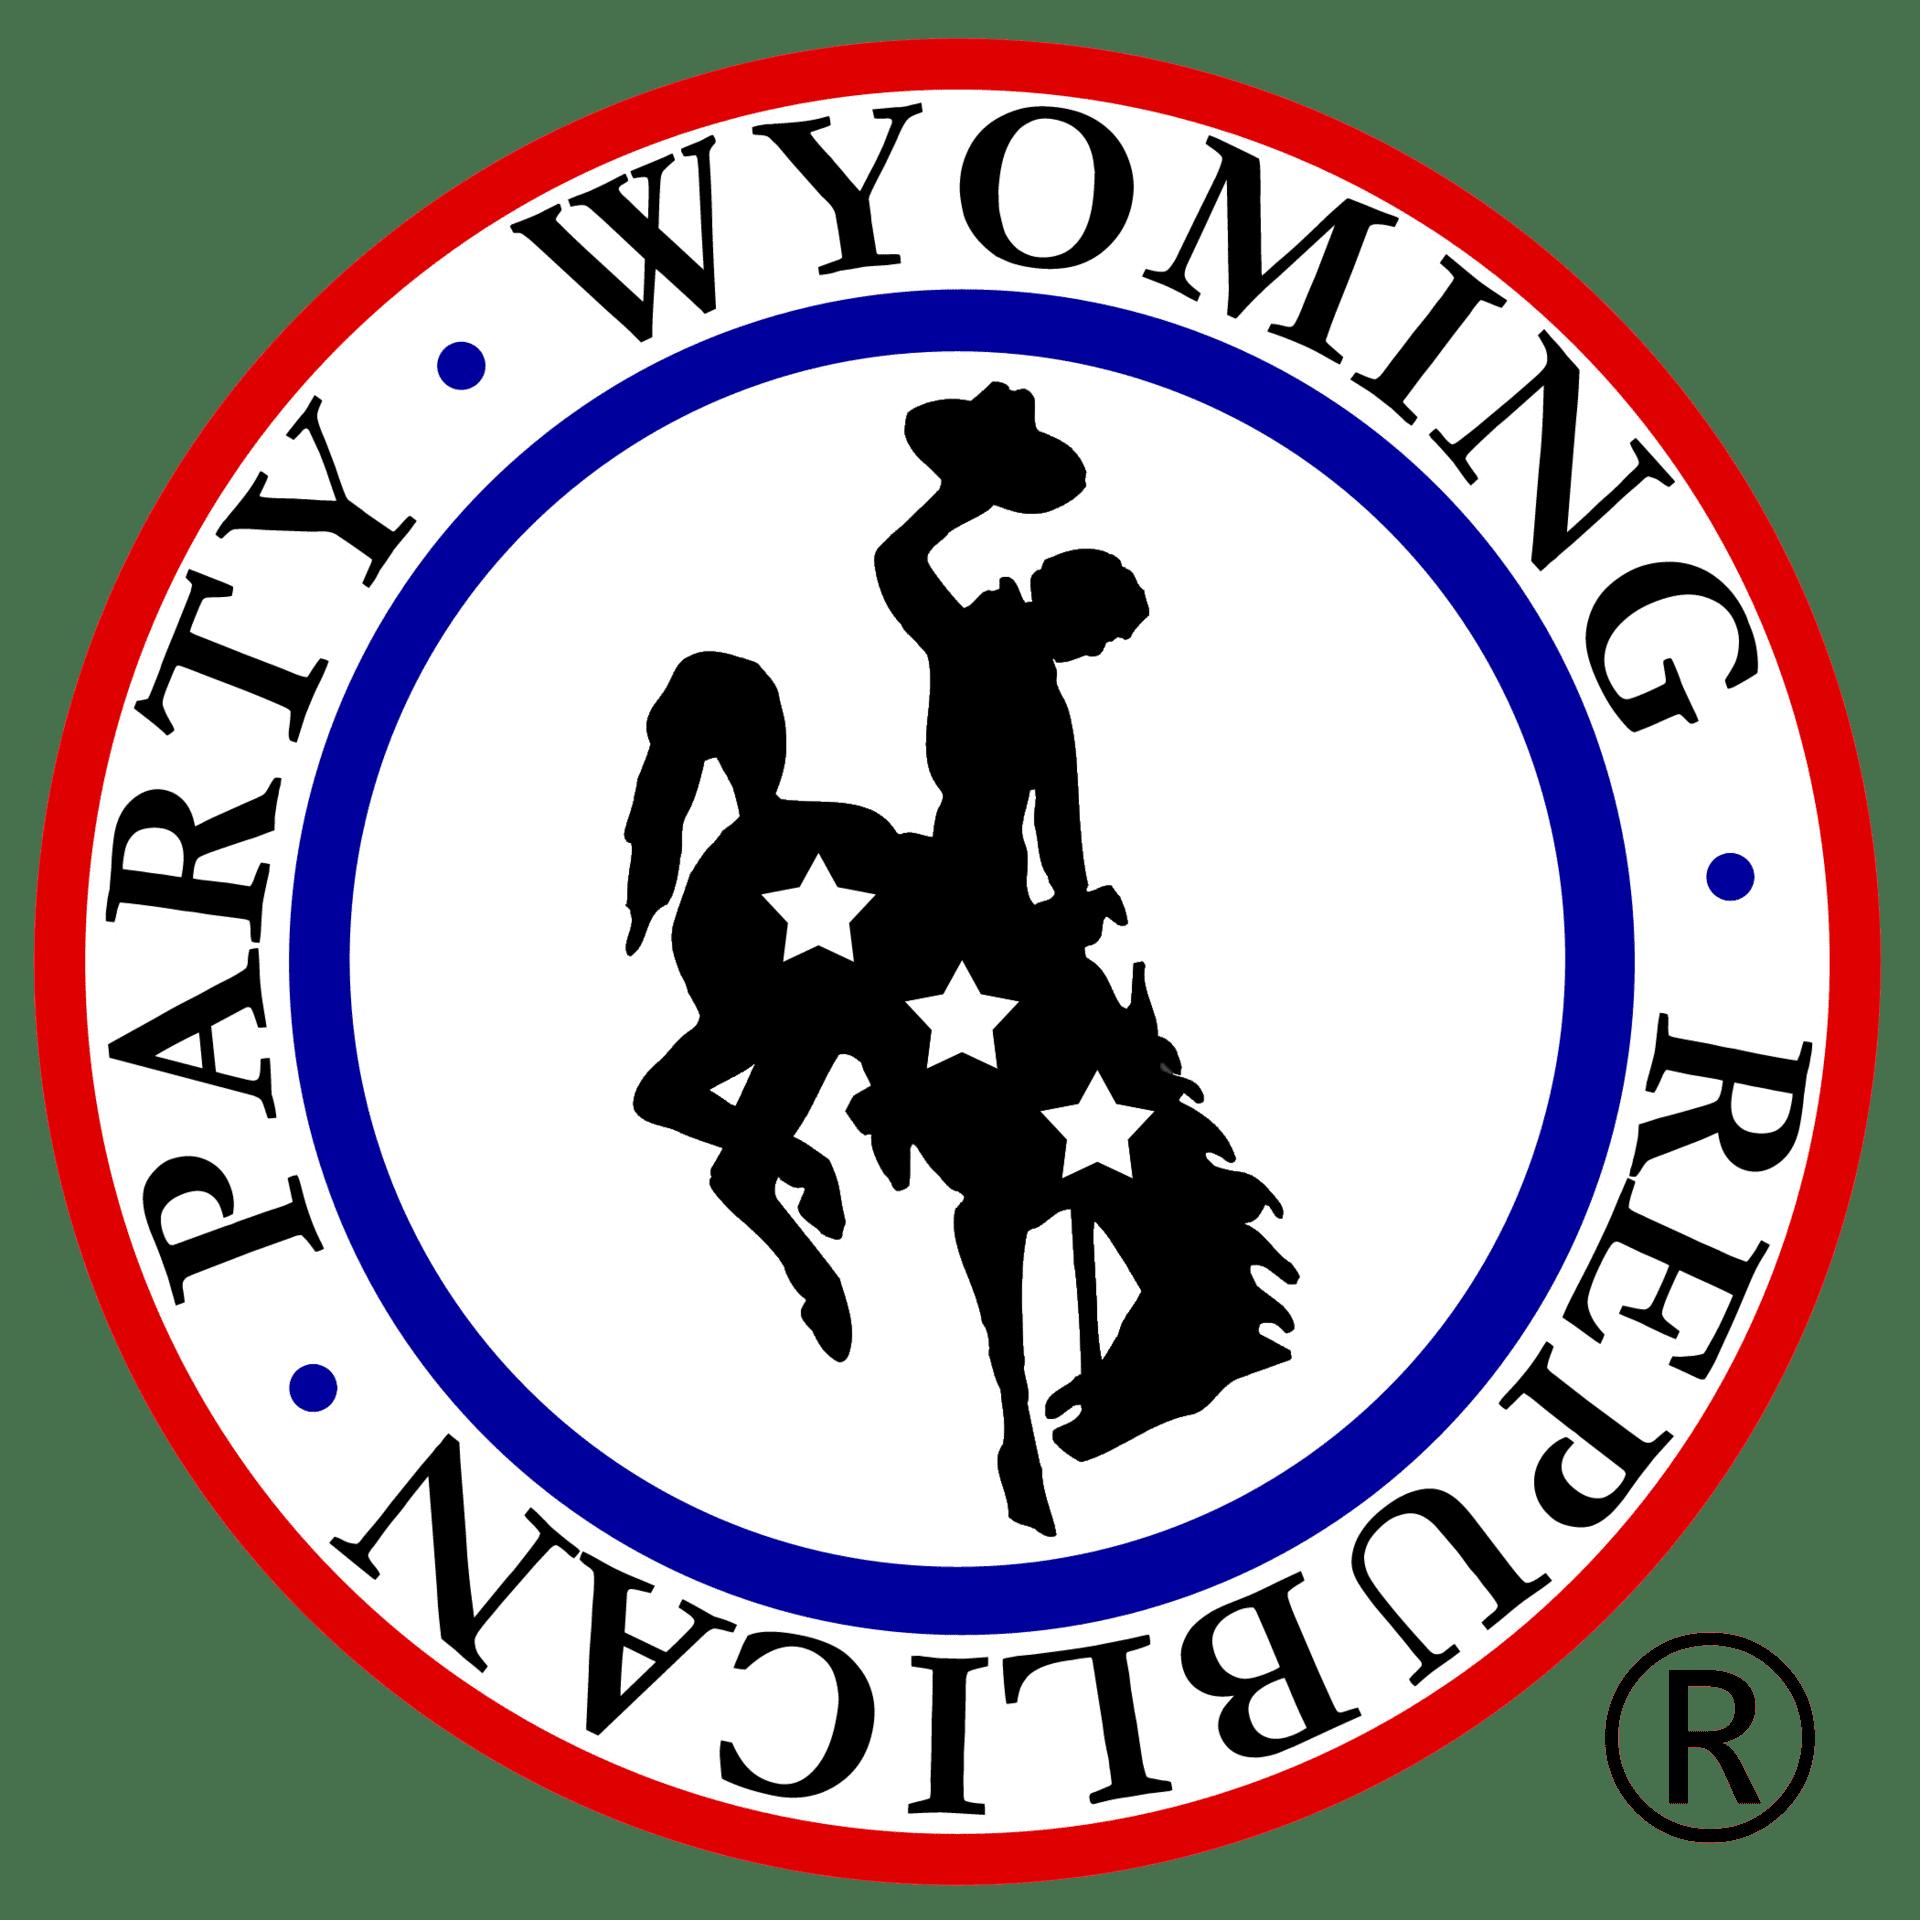 Wygop logo copy